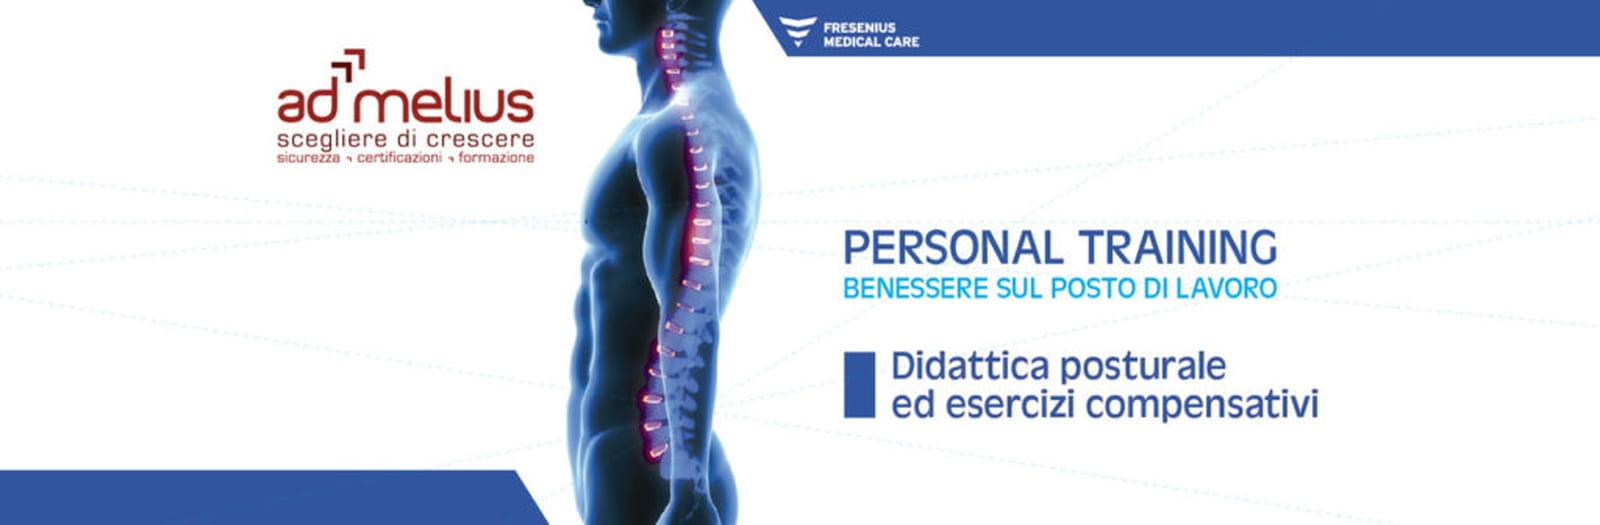 FRESENIUS MEDICAL CARE ITALIA – PERSONAL TRAINING: BENESSERE SUL POSTO DI LAVORO